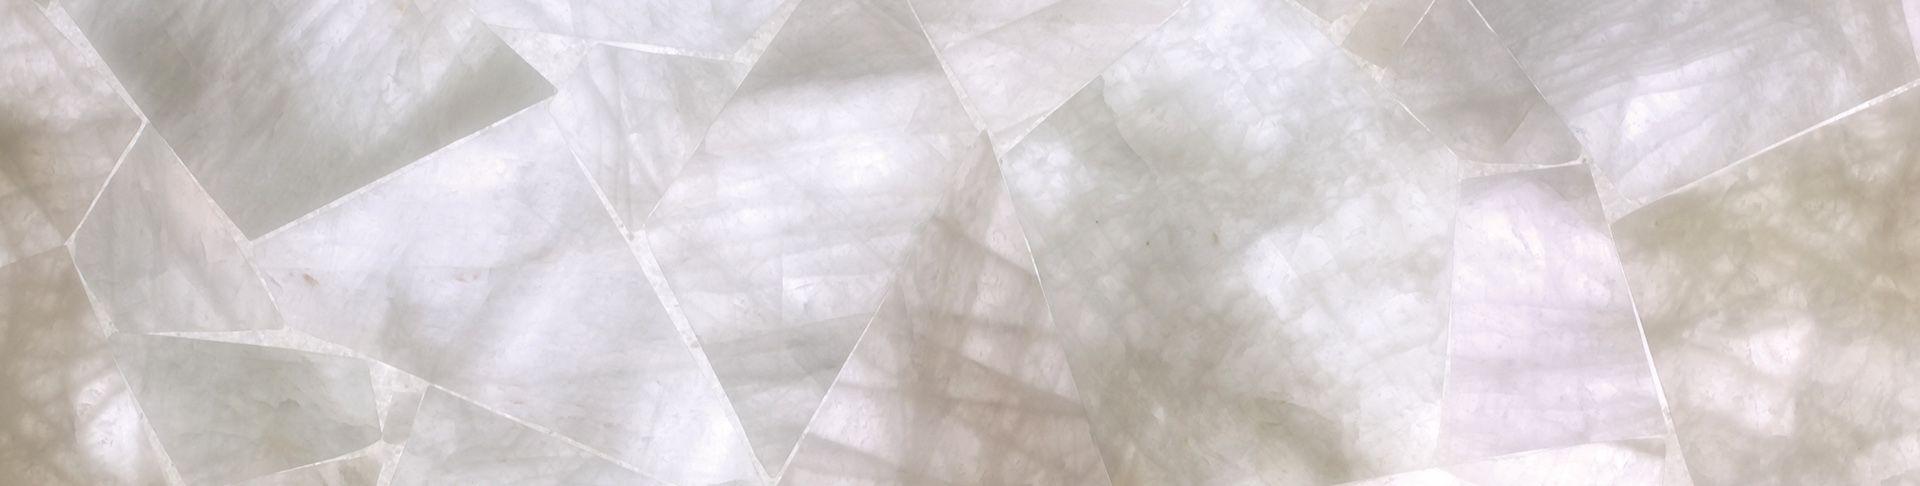 שיש אבן קיסר דגם 8141 תמונה ראשית